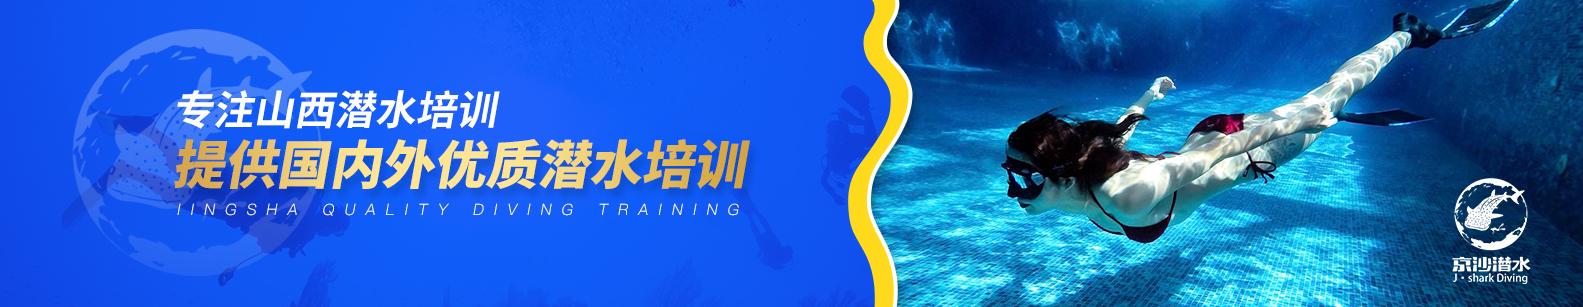 山西潜水培训